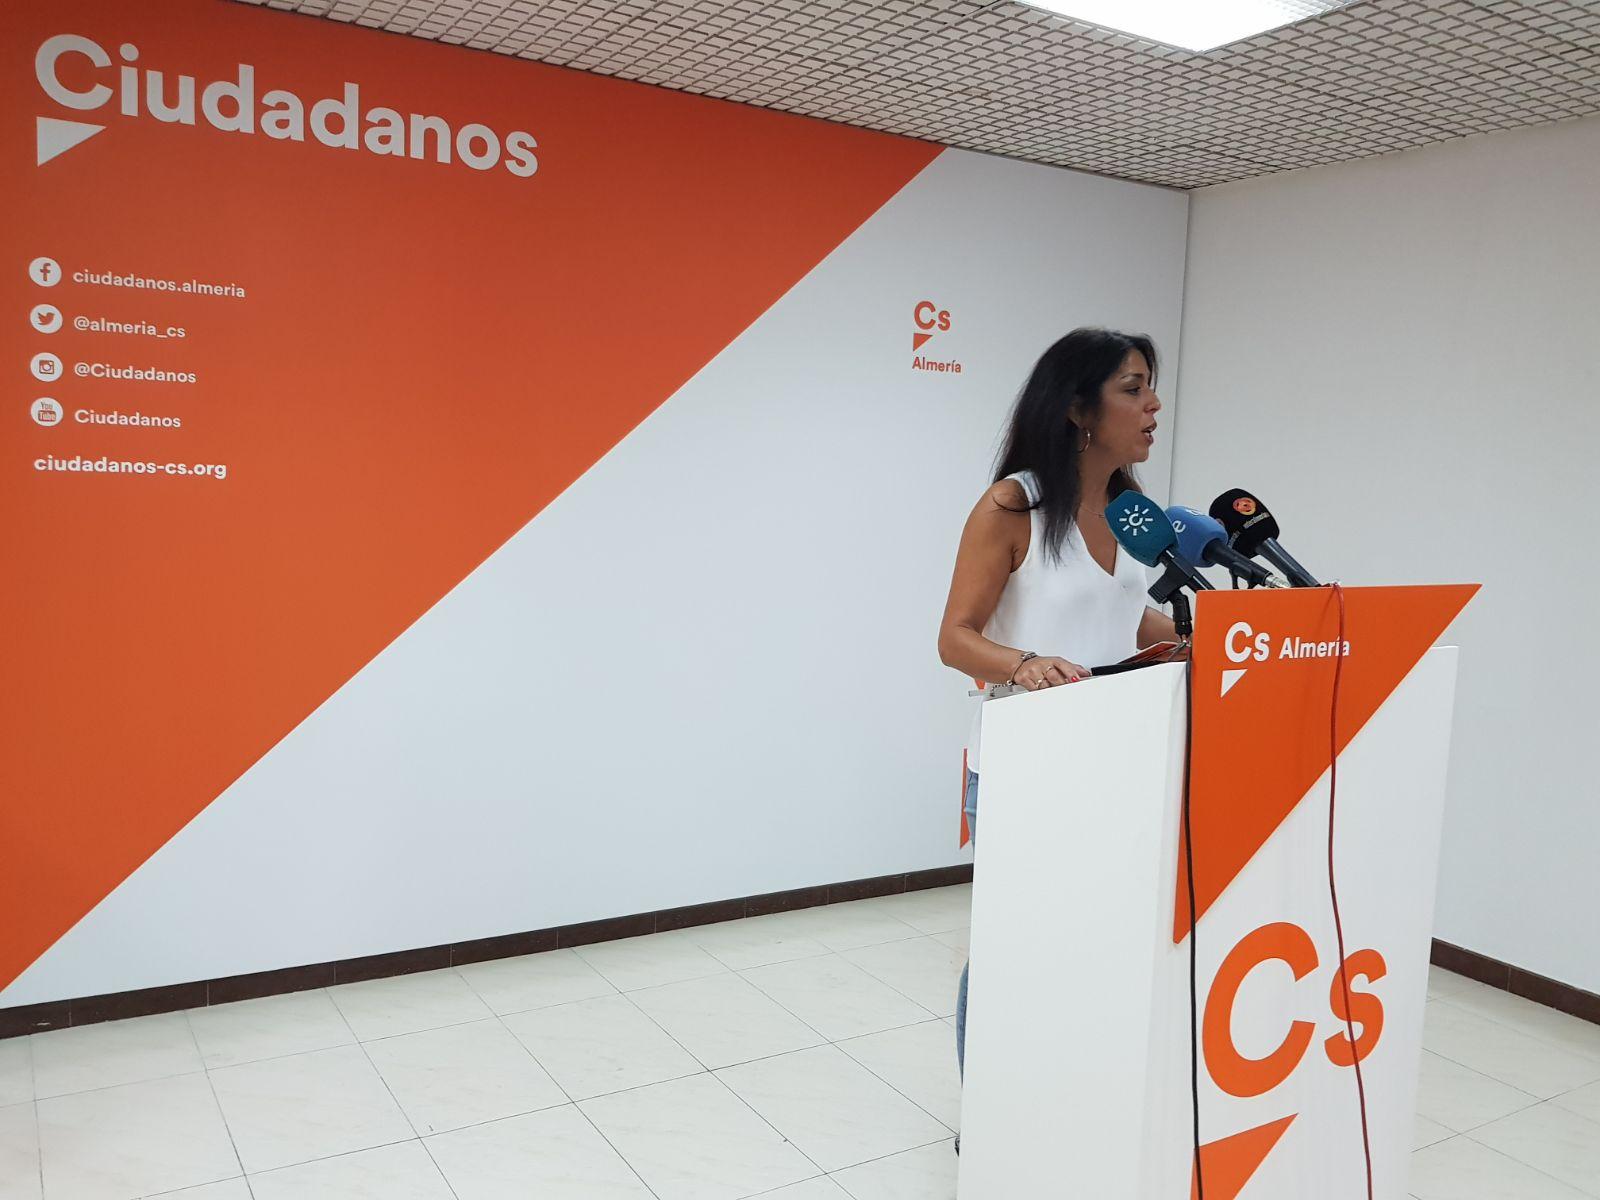 Ciudadanos Adra organiza este viernes una jornada sobre Violencia de Género